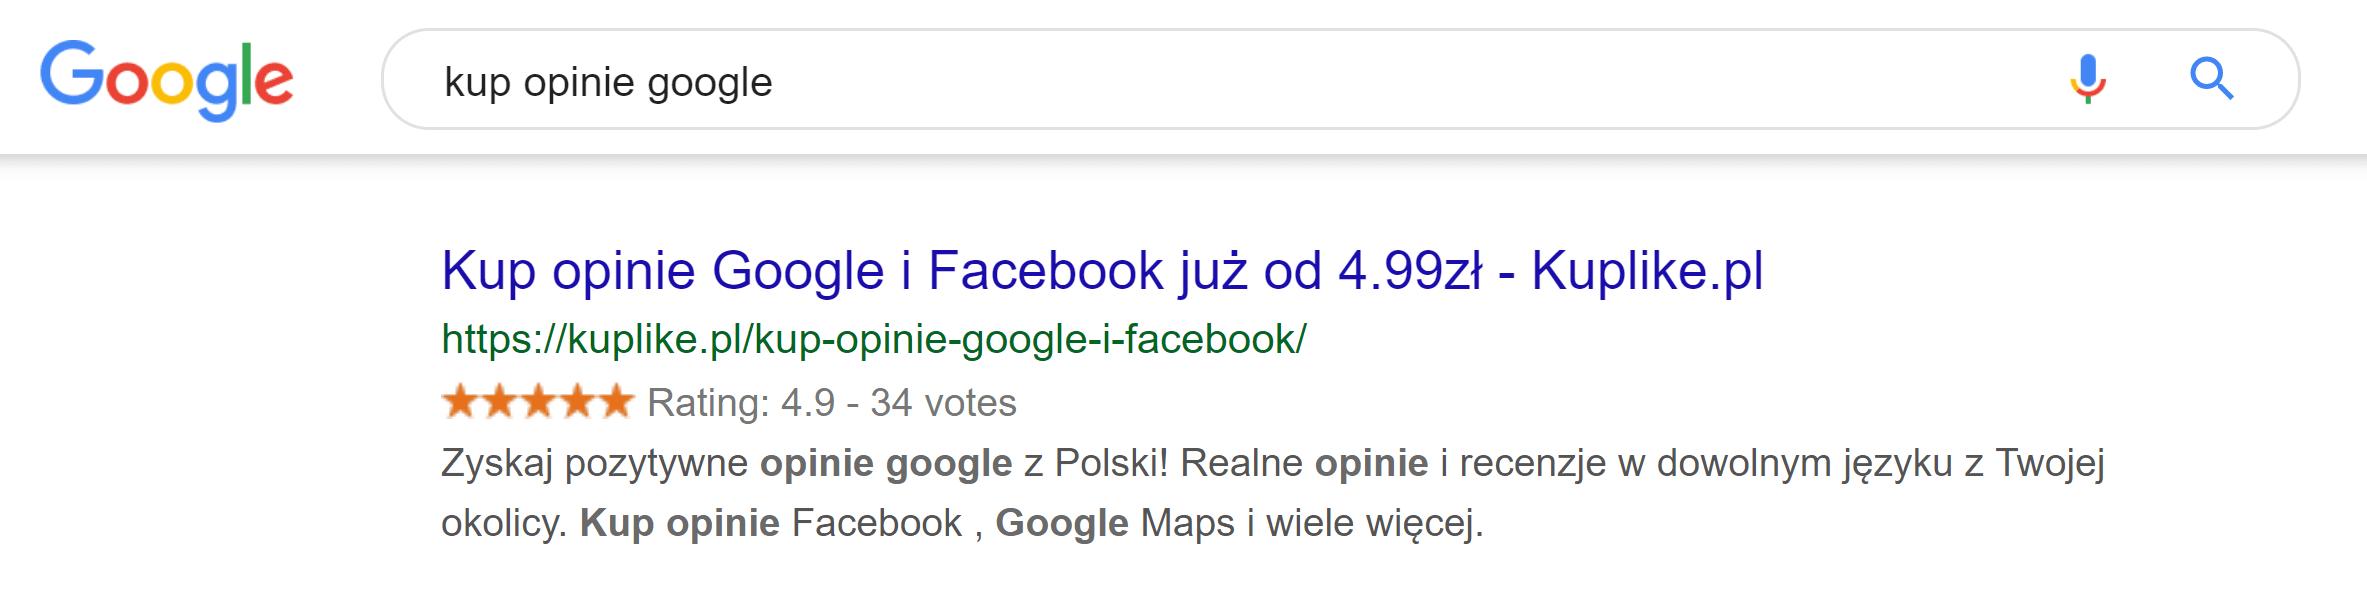 gdzie kupić opinie google